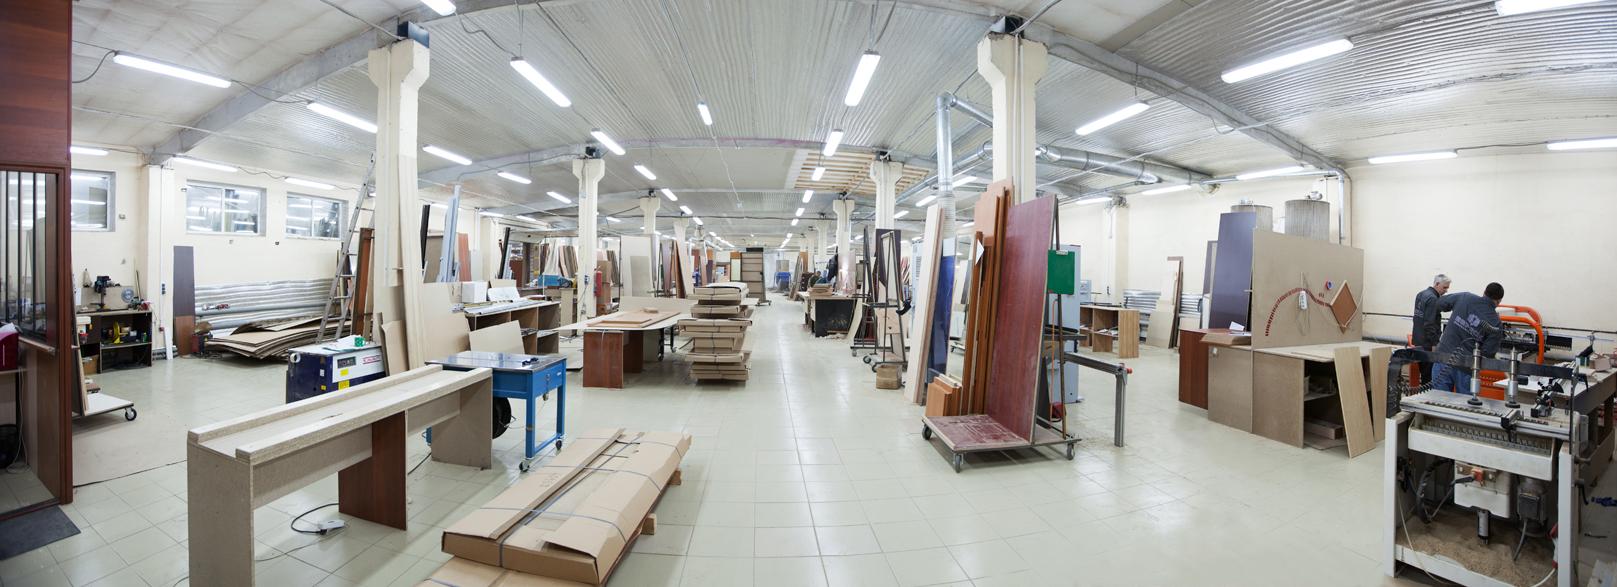 Описание компании по производству мебели